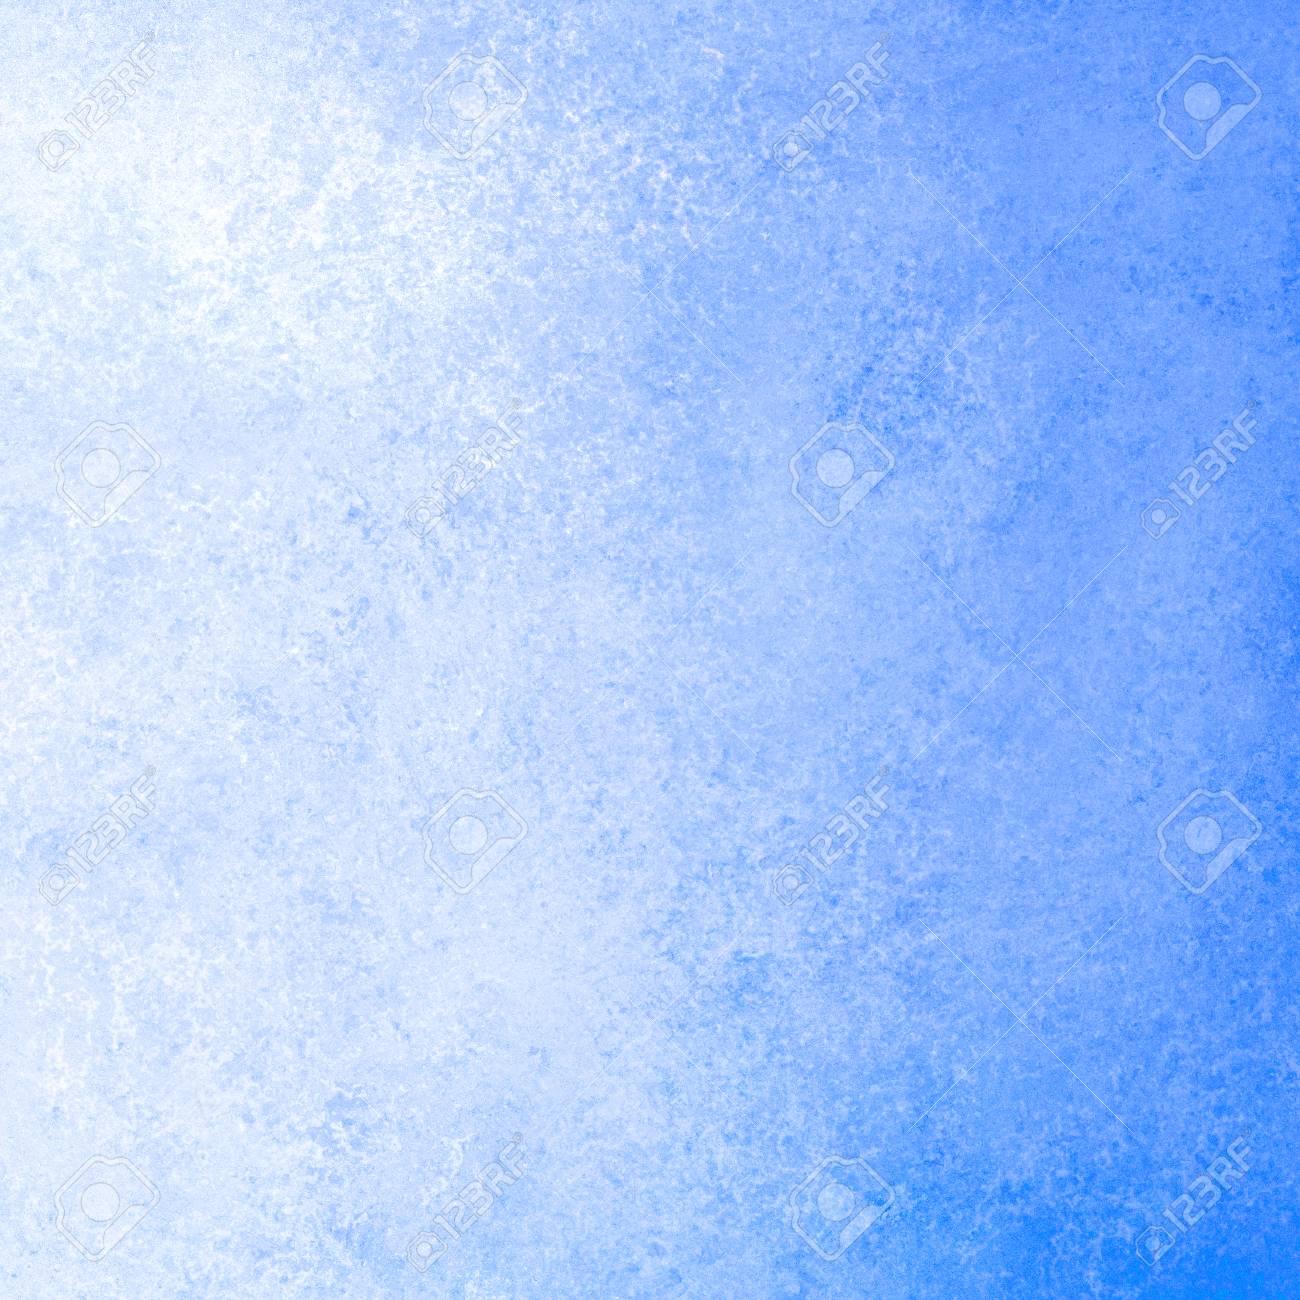 White blue цвет